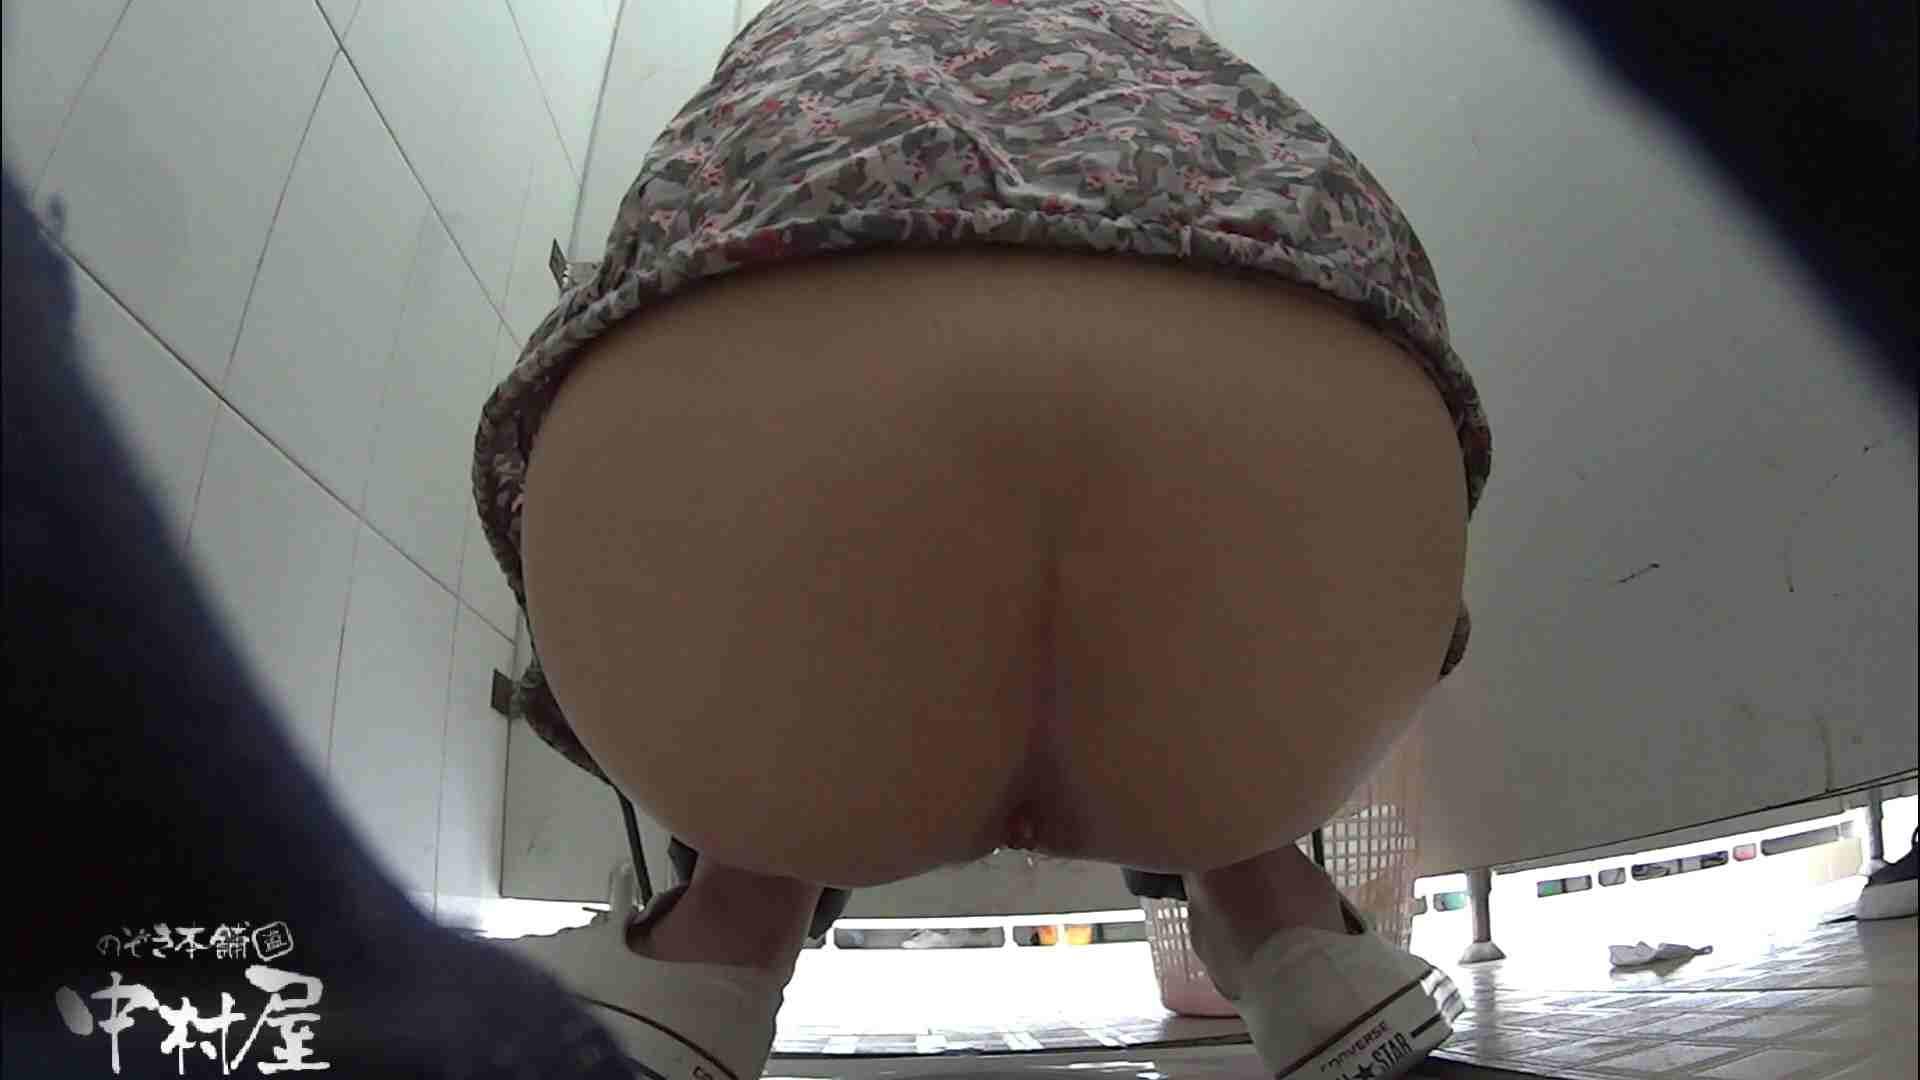 名大学休憩時間の洗面所事情01 美女丸裸  95pic 56